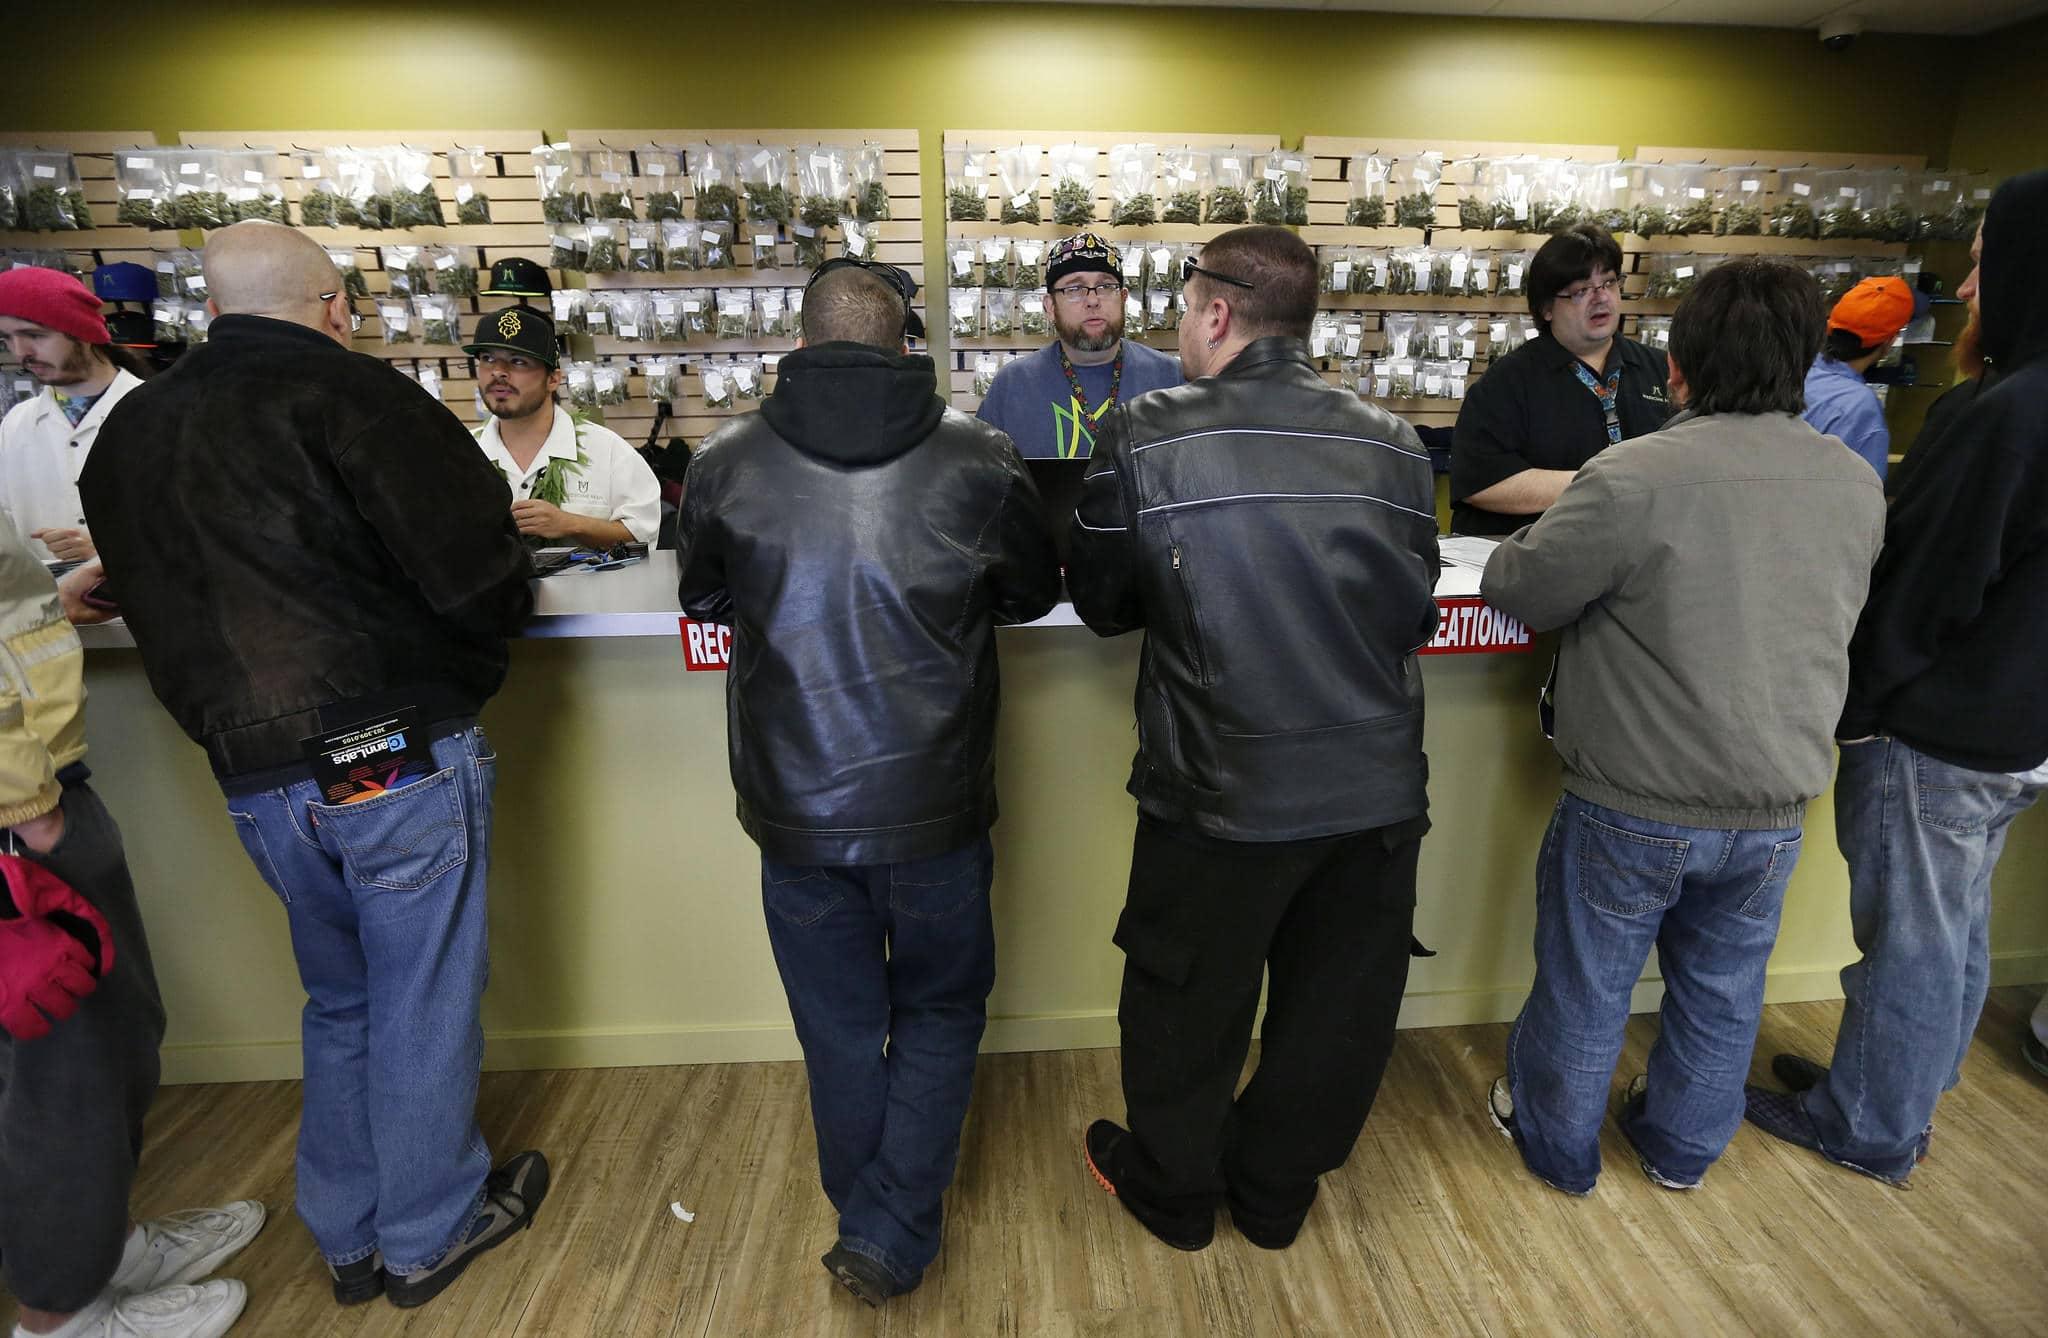 Nación Cannabis | Las ventas de cannabis en Colorado alcanzan los USD$1000 millones en 8 meses